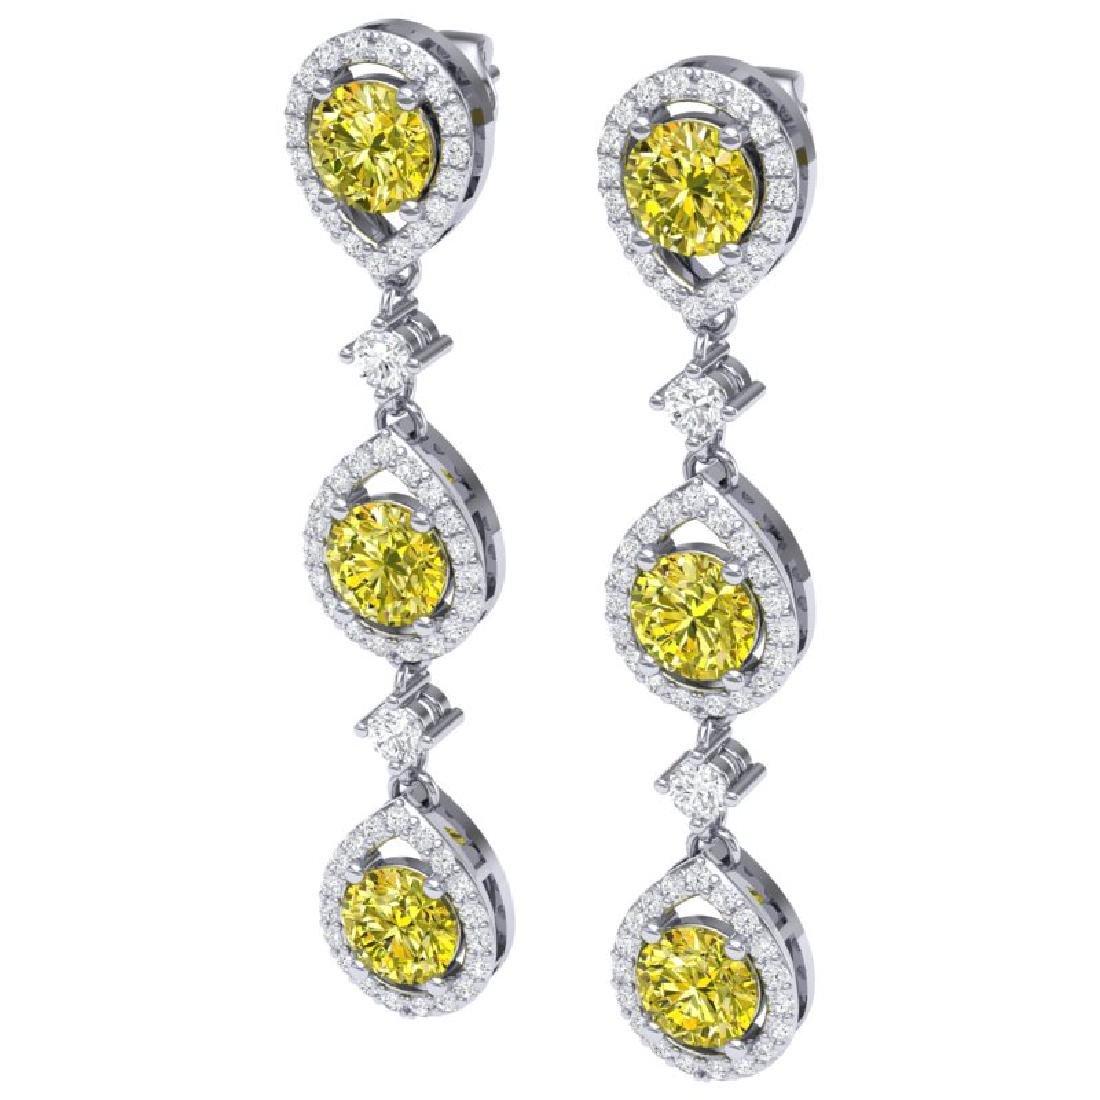 5.11 CTW Fancy Yellow SI Diamond Earrings 18K White - 2